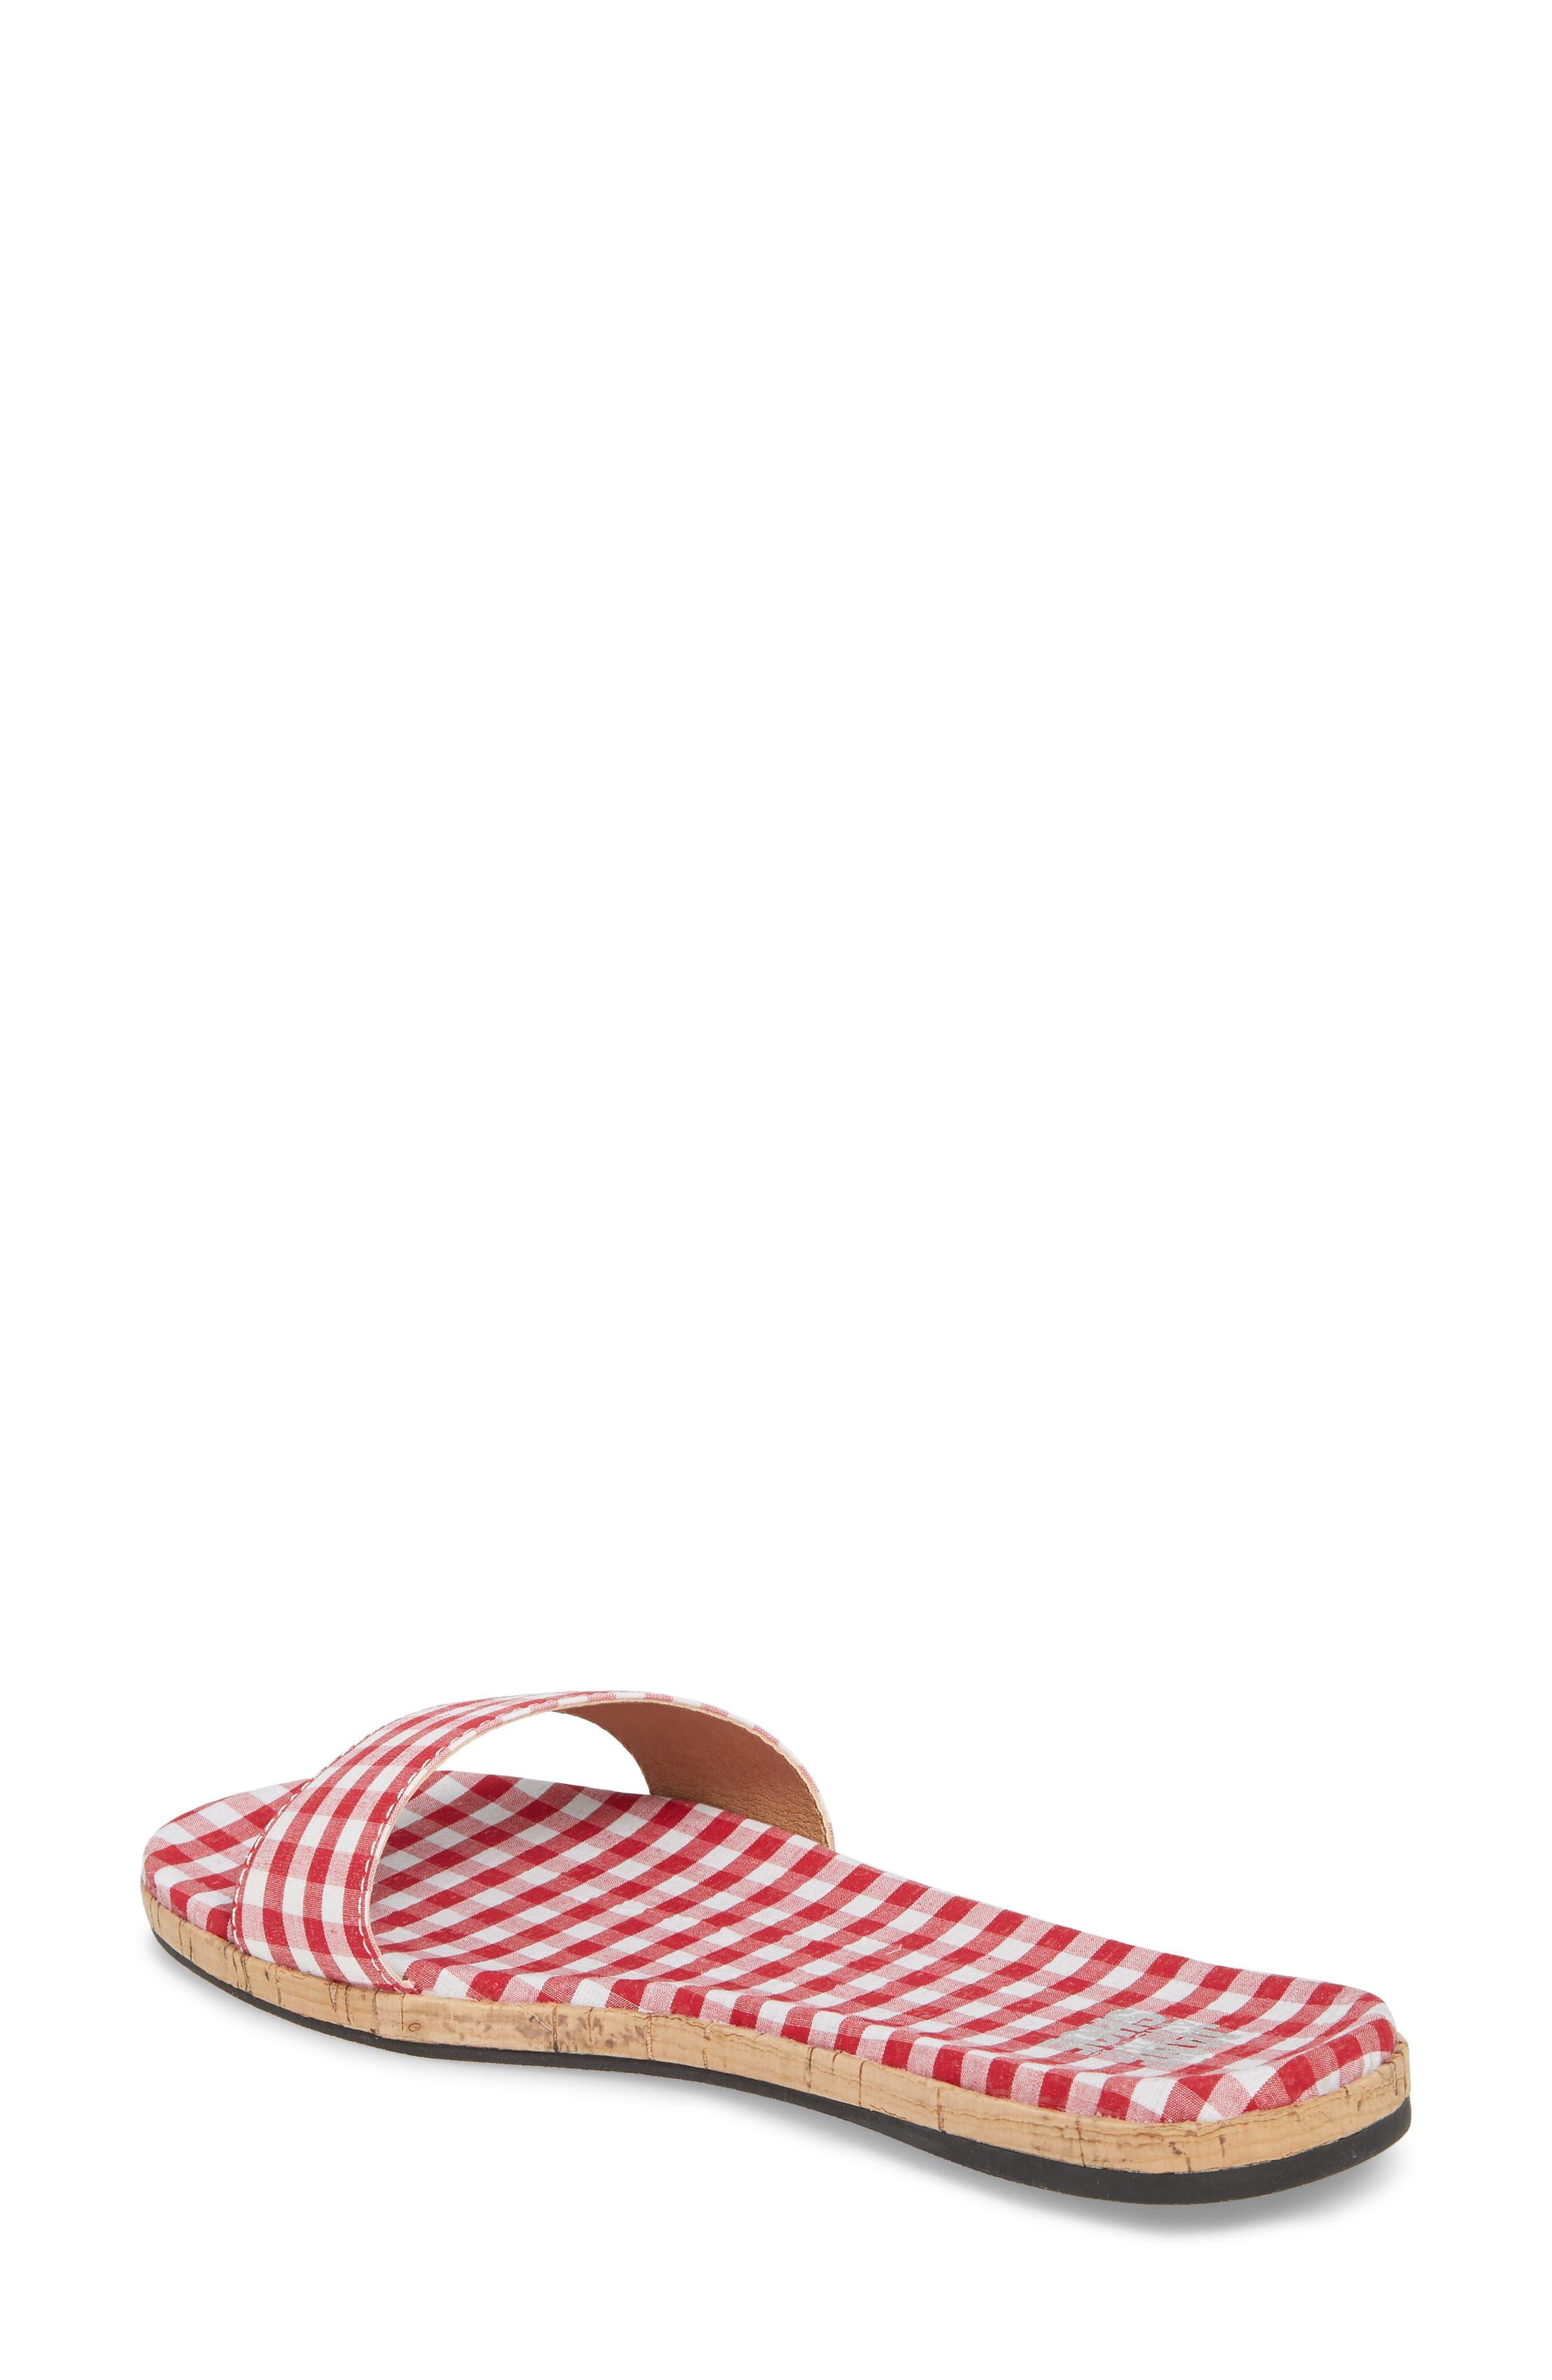 Jill Thin Band Slide Sandal,                             Alternate thumbnail 2, color,                             Red Gingham